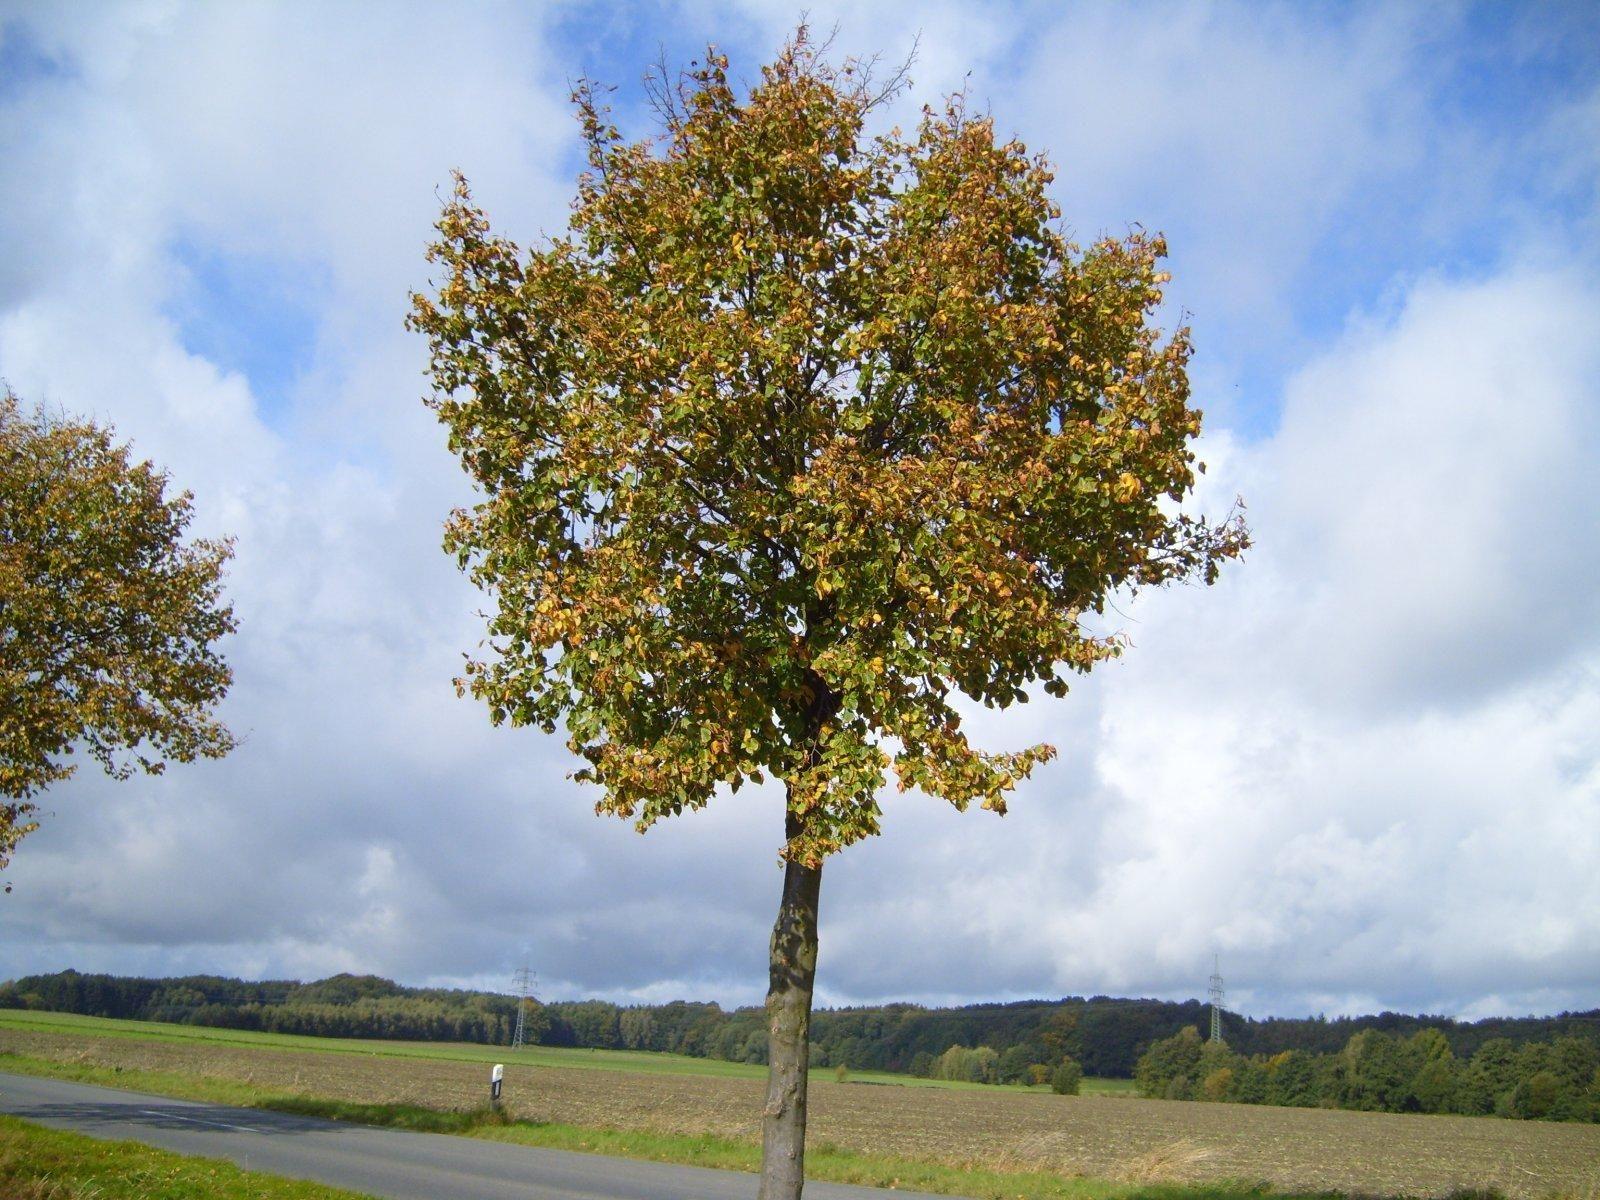 File:Autumn linden tree.jpg - Wikimedia Commons